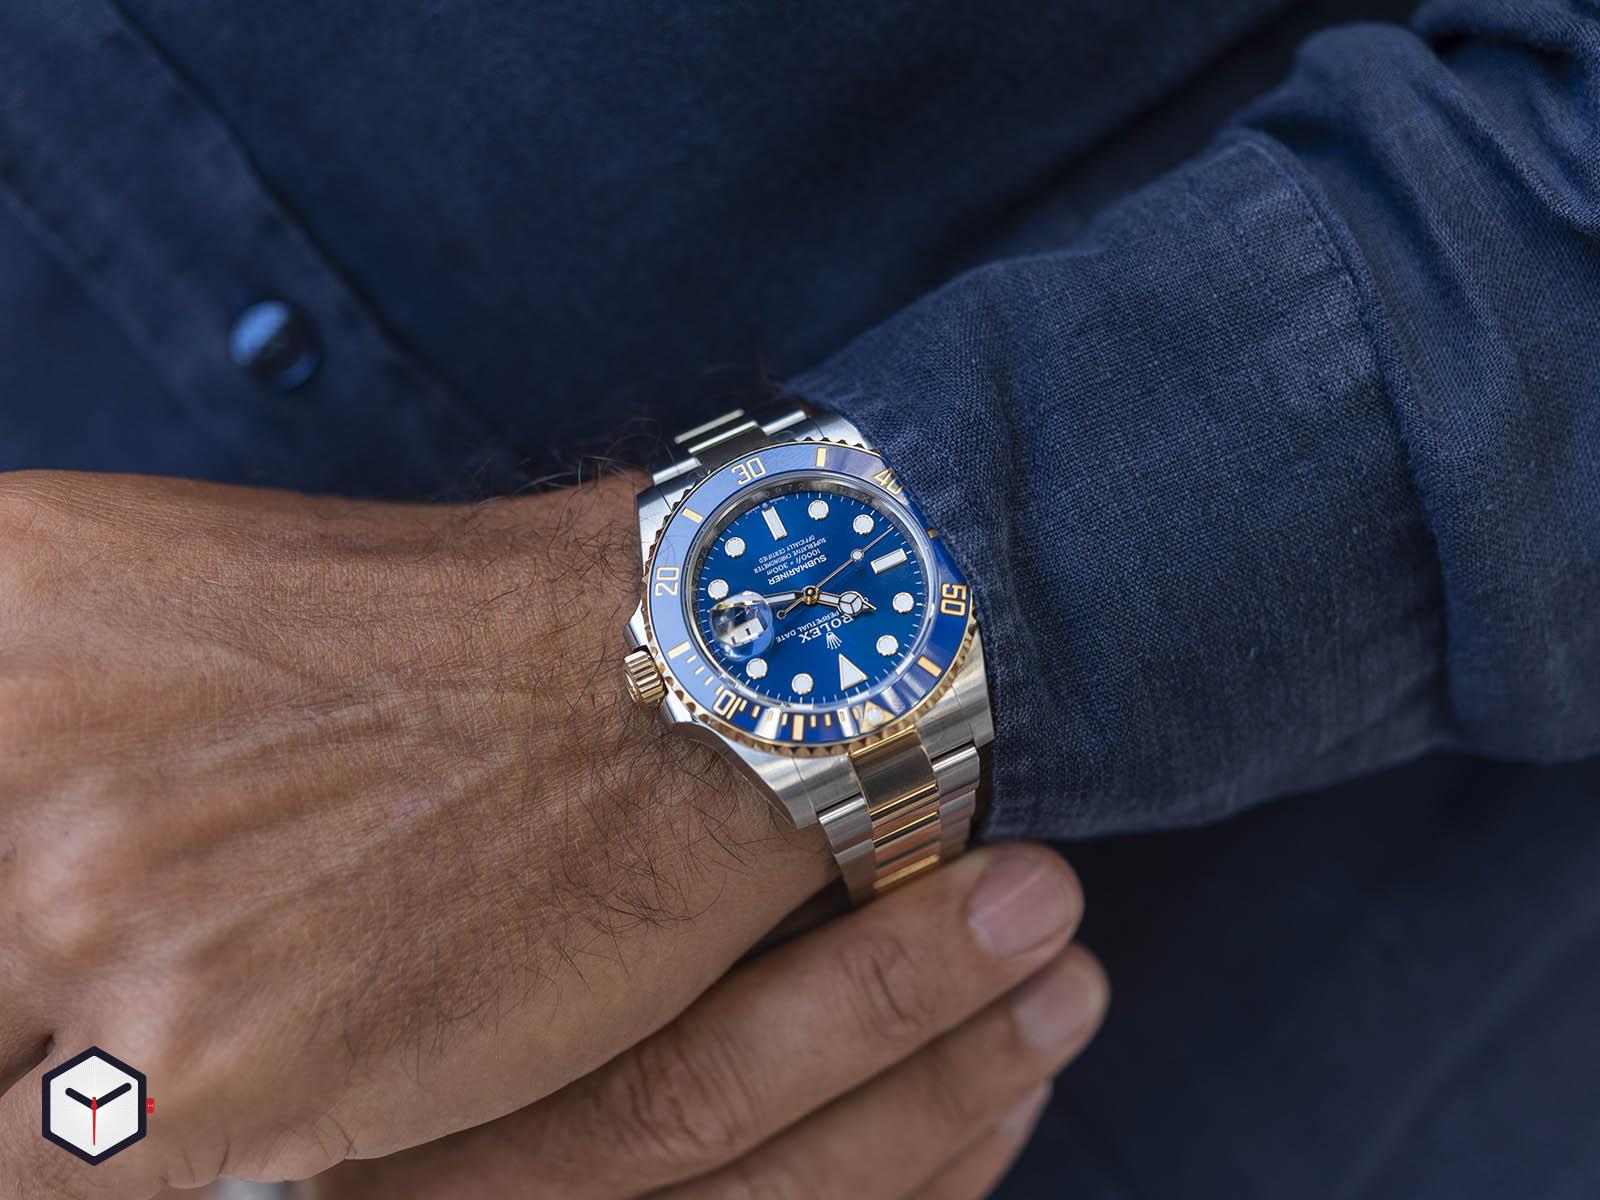 126613-rolex-submariner-2020-9.jpg